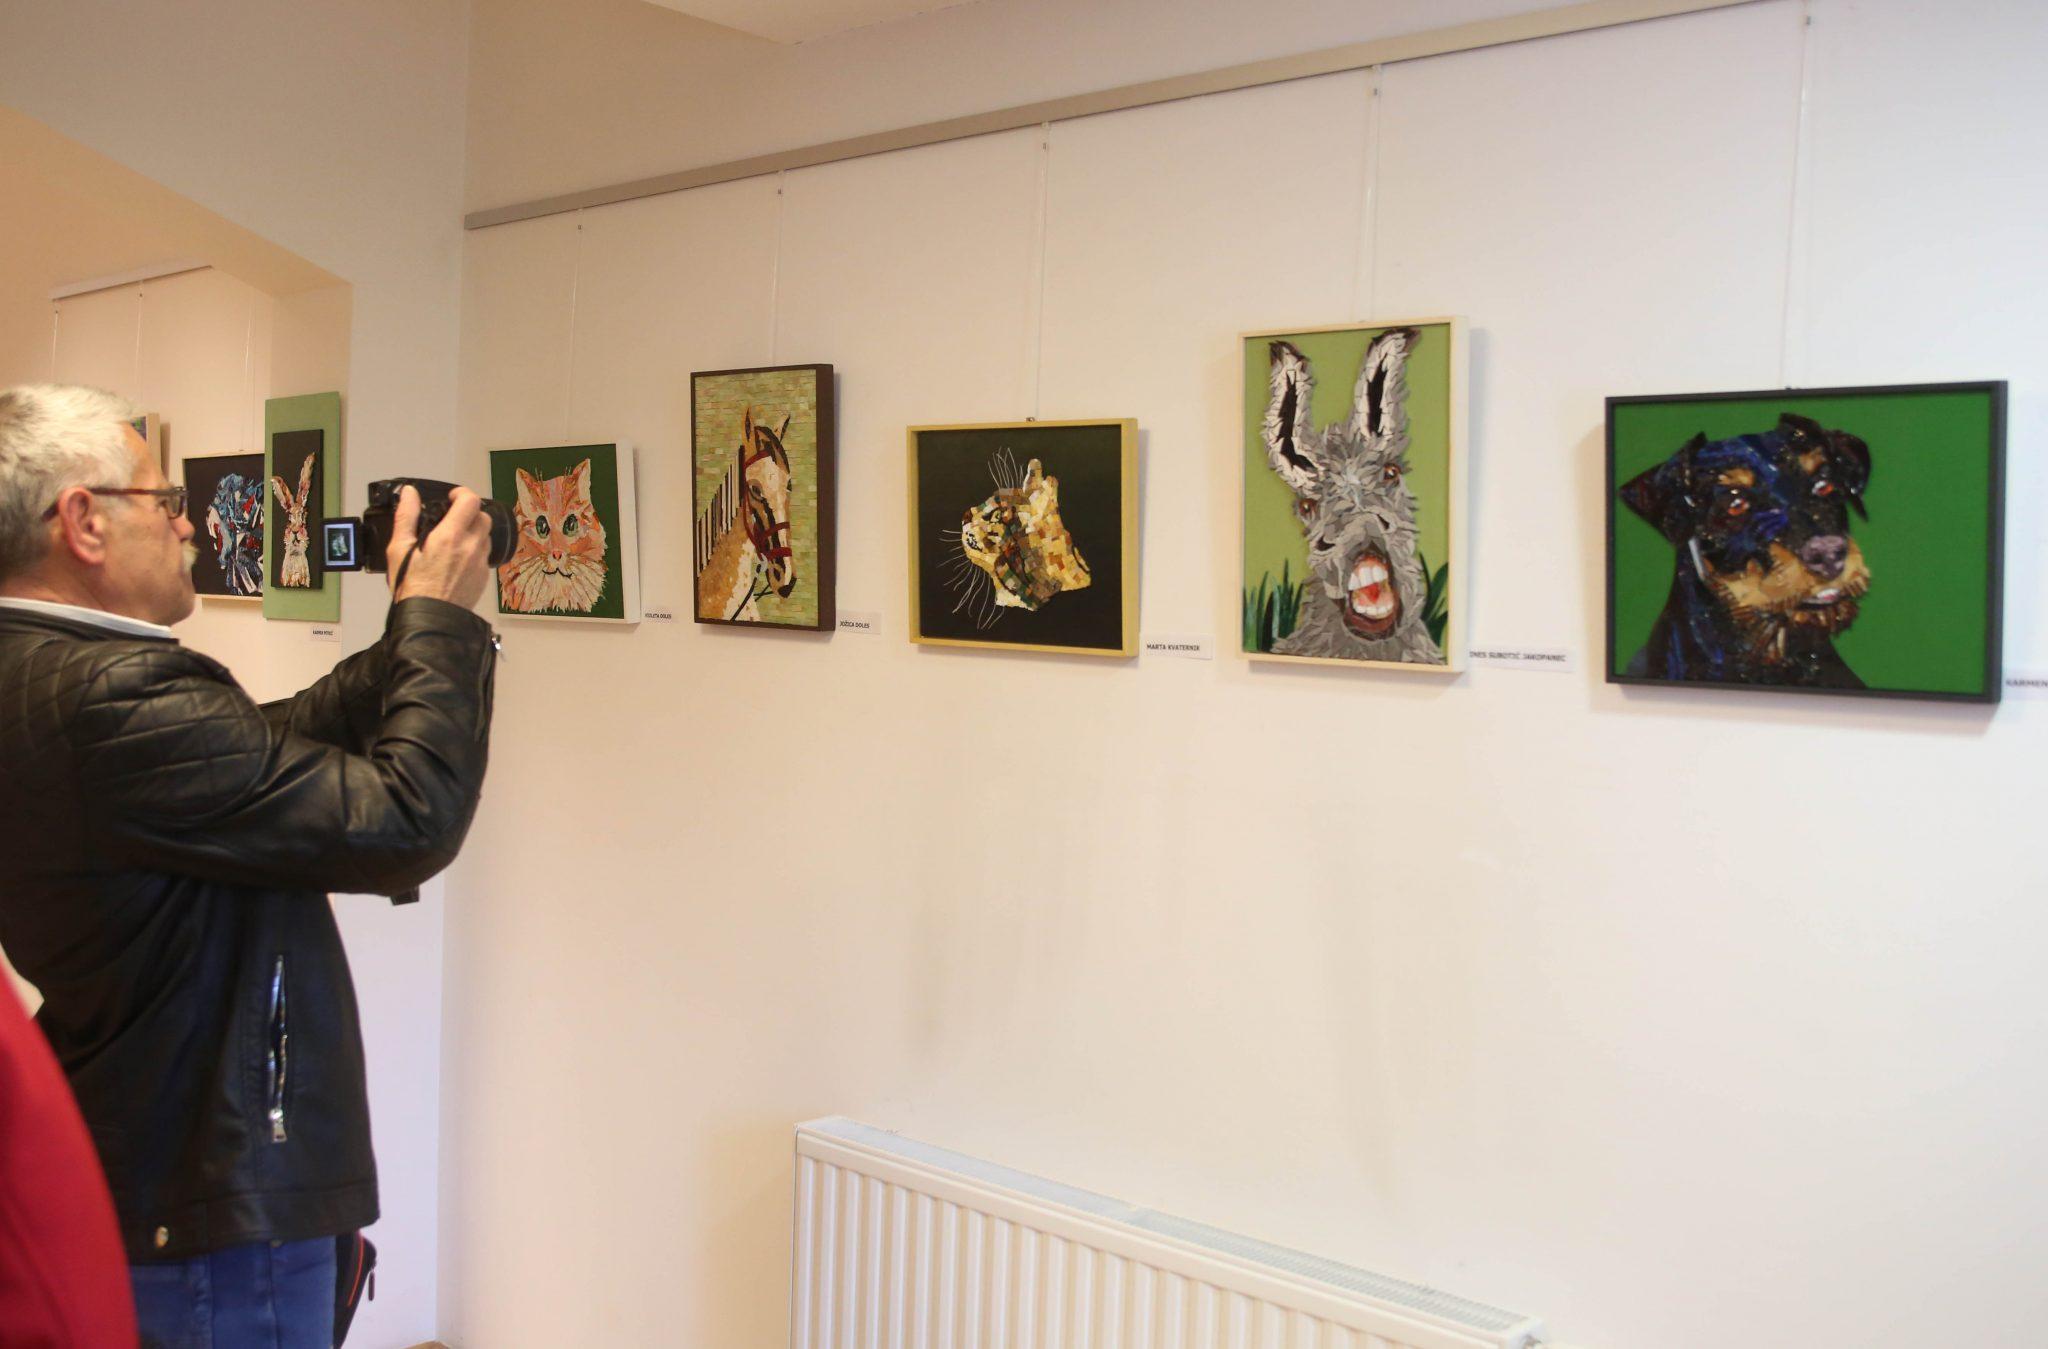 RAZSTAVA MOZAIKOV 03 FOTO LJUBO VUKELIČ - Odprtje razstave - Pogled v živalski svet - sekcije Mozaik KD Rak Rakek